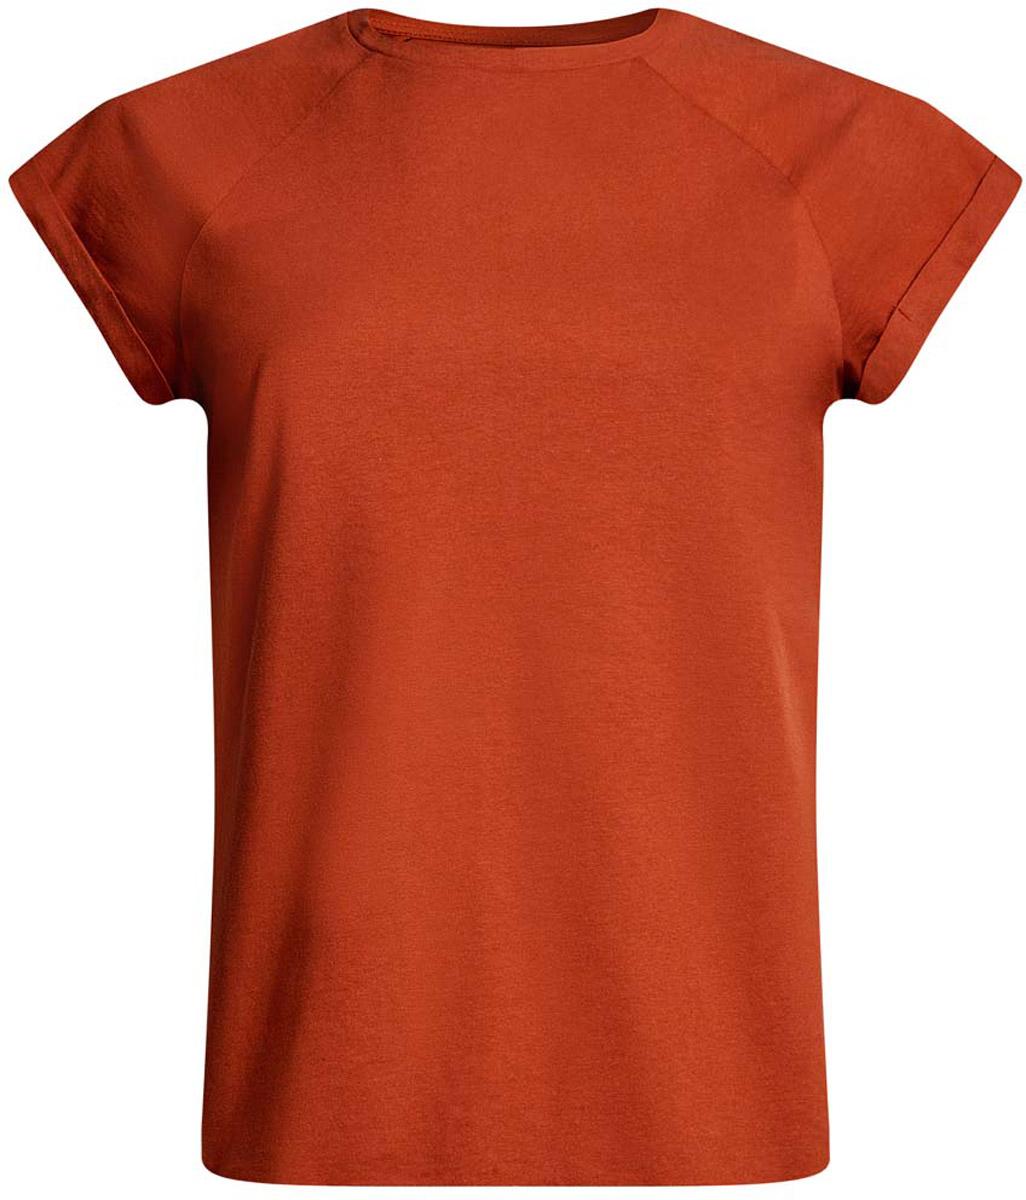 Футболка женская oodji Ultra, цвет: терракотовый. 14707001-4B/46154/3100N. Размер XXS (40)14707001-4B/46154/3100NЖенская футболка выполнена из хлопка. Модель с круглым вырезом горловины и короткими рукавами реглан, дополненными отворотом.